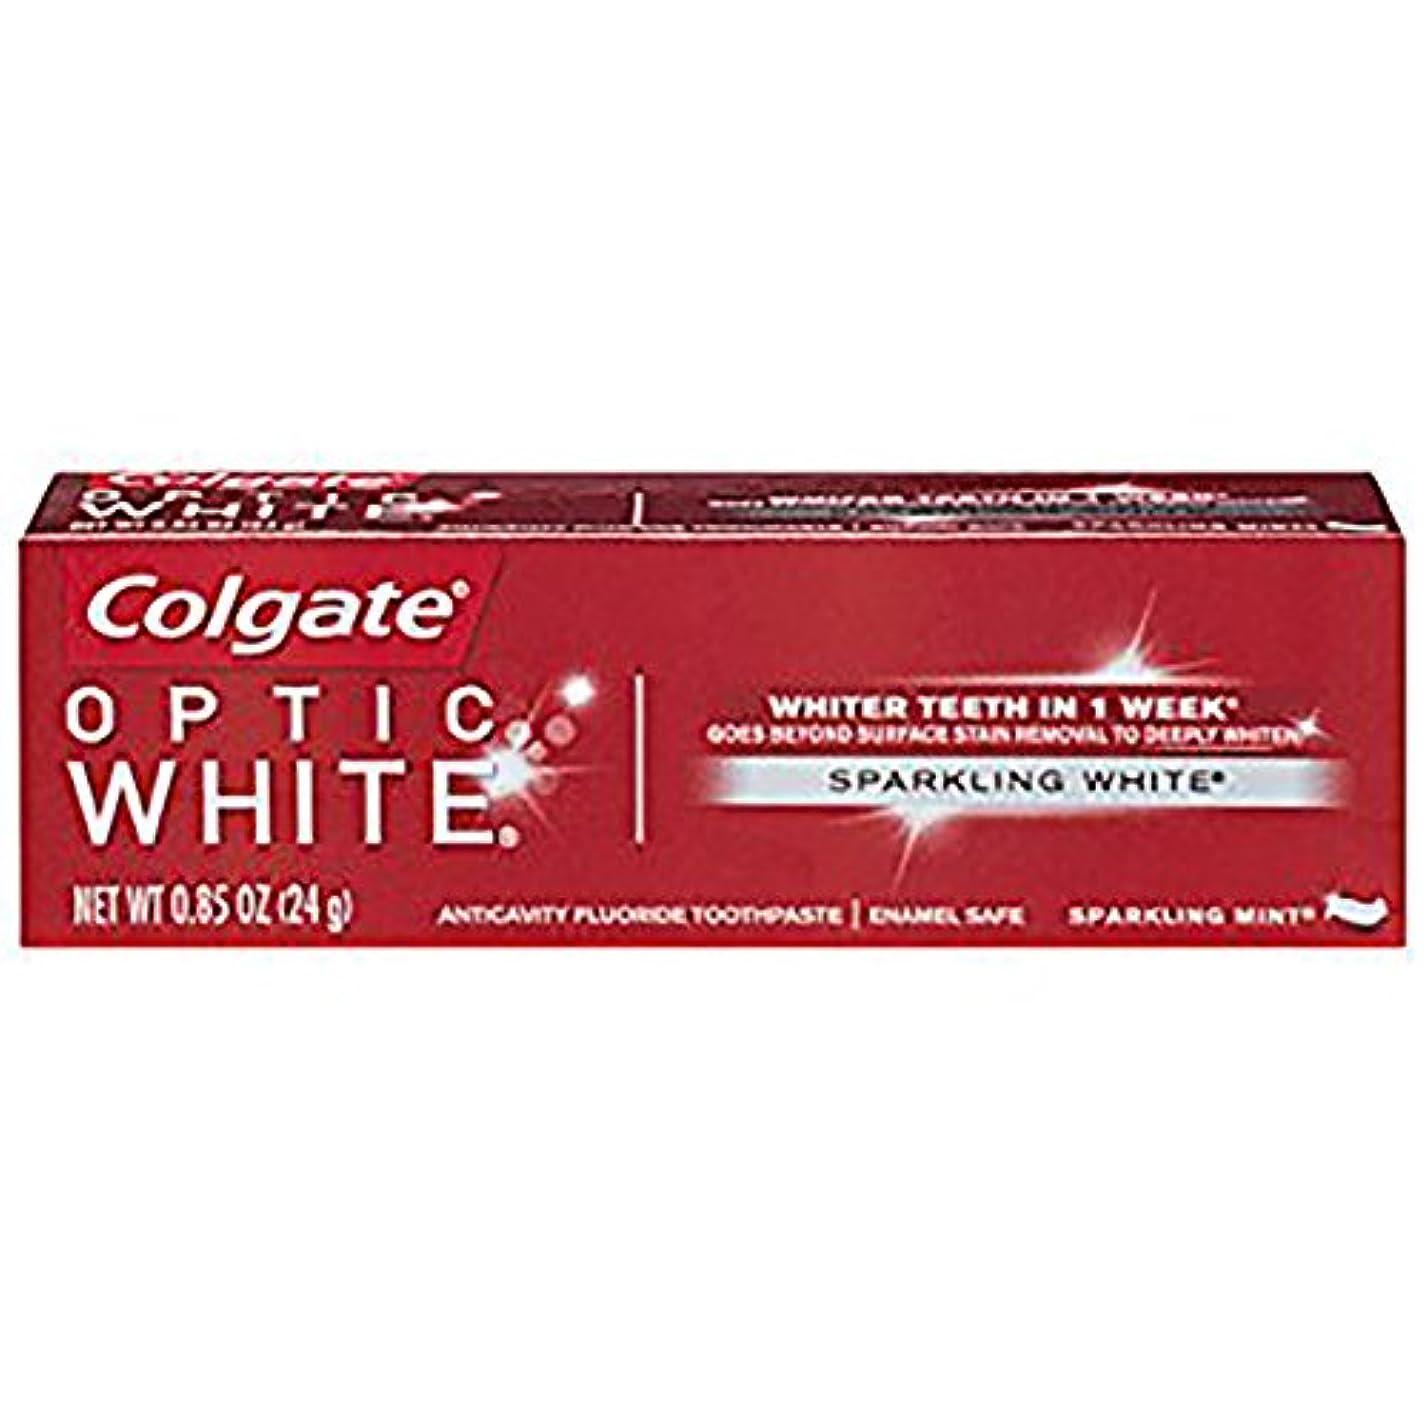 薬用下るラフ睡眠コルゲート ホワイトニング Colgate 24g Optic White Sparkling White 白い歯 歯磨き粉 ミント